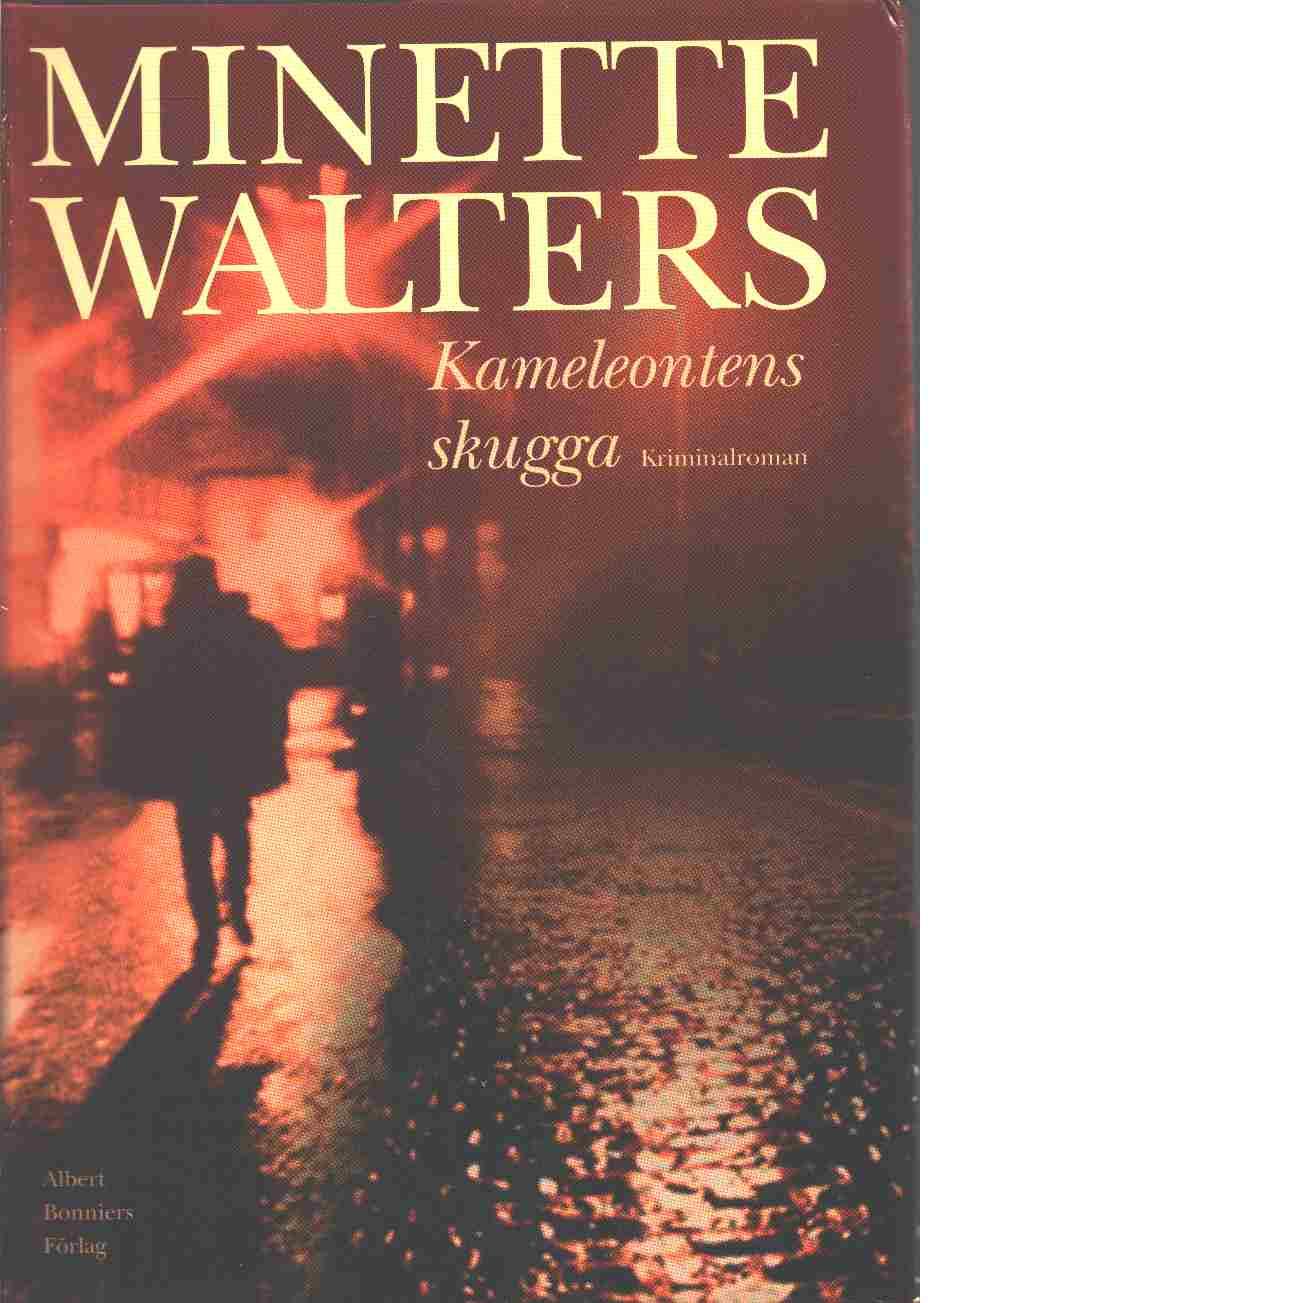 Kameleontens skugga - Walters, Minette